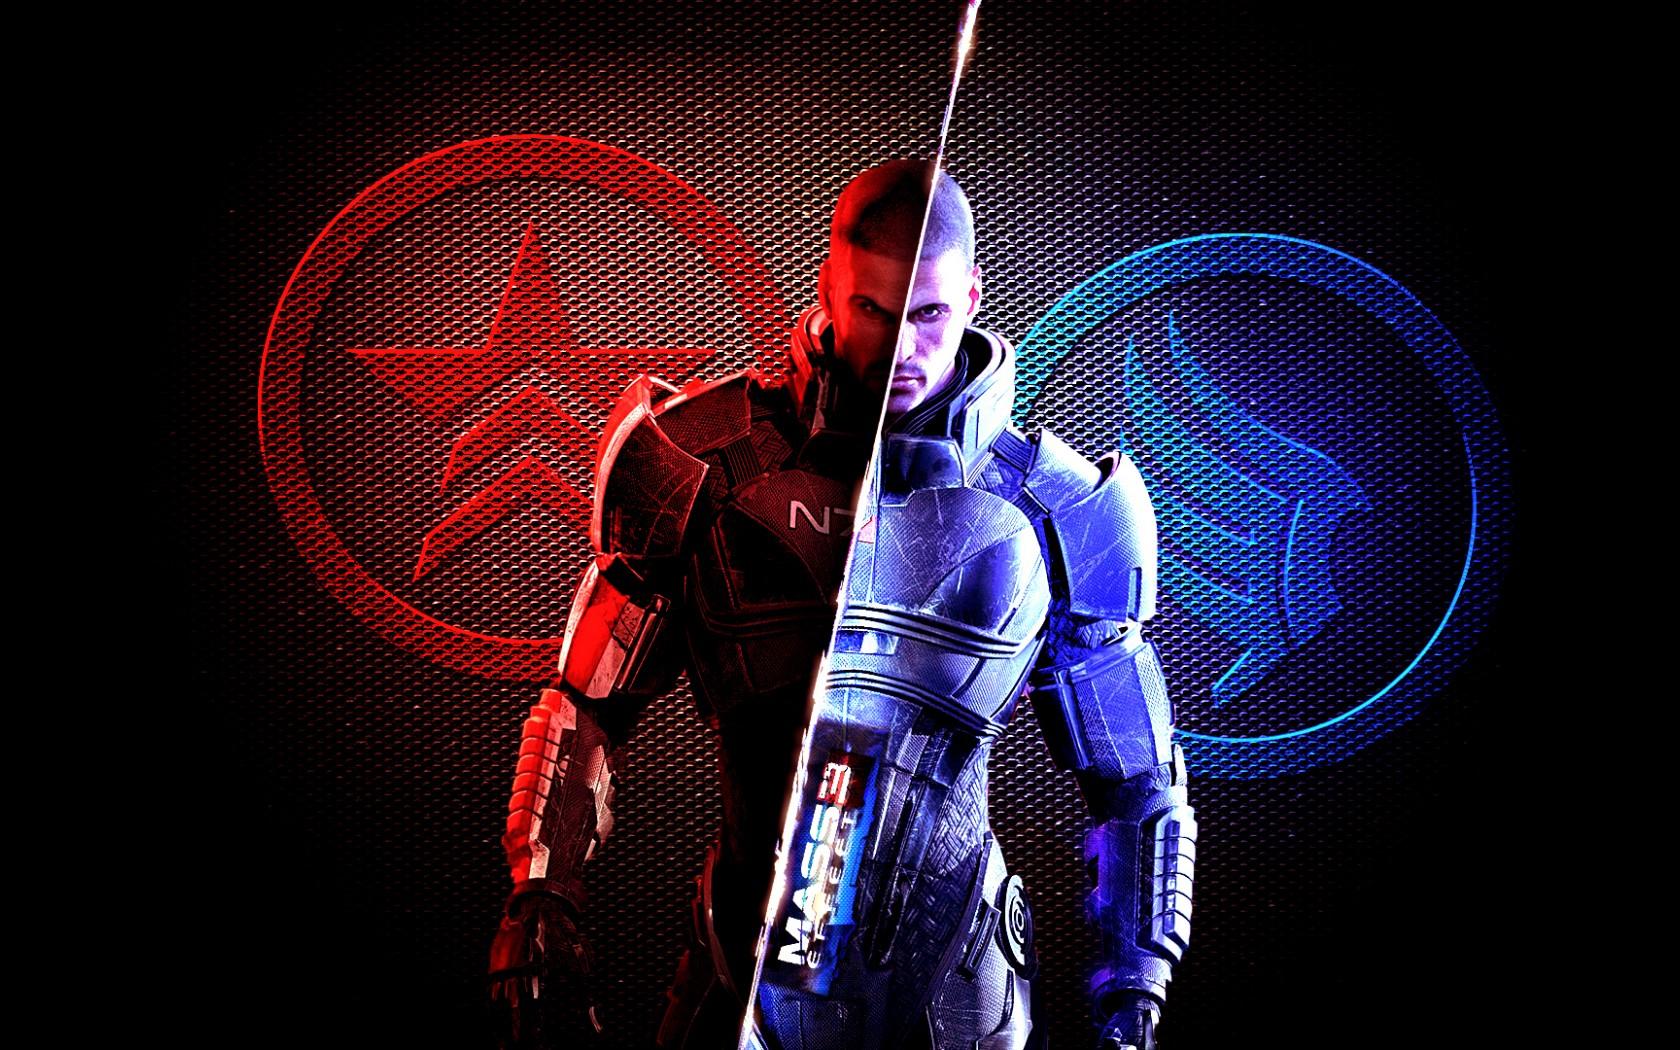 mass effect, character, armor Wallpaper, HD Games 4K ...